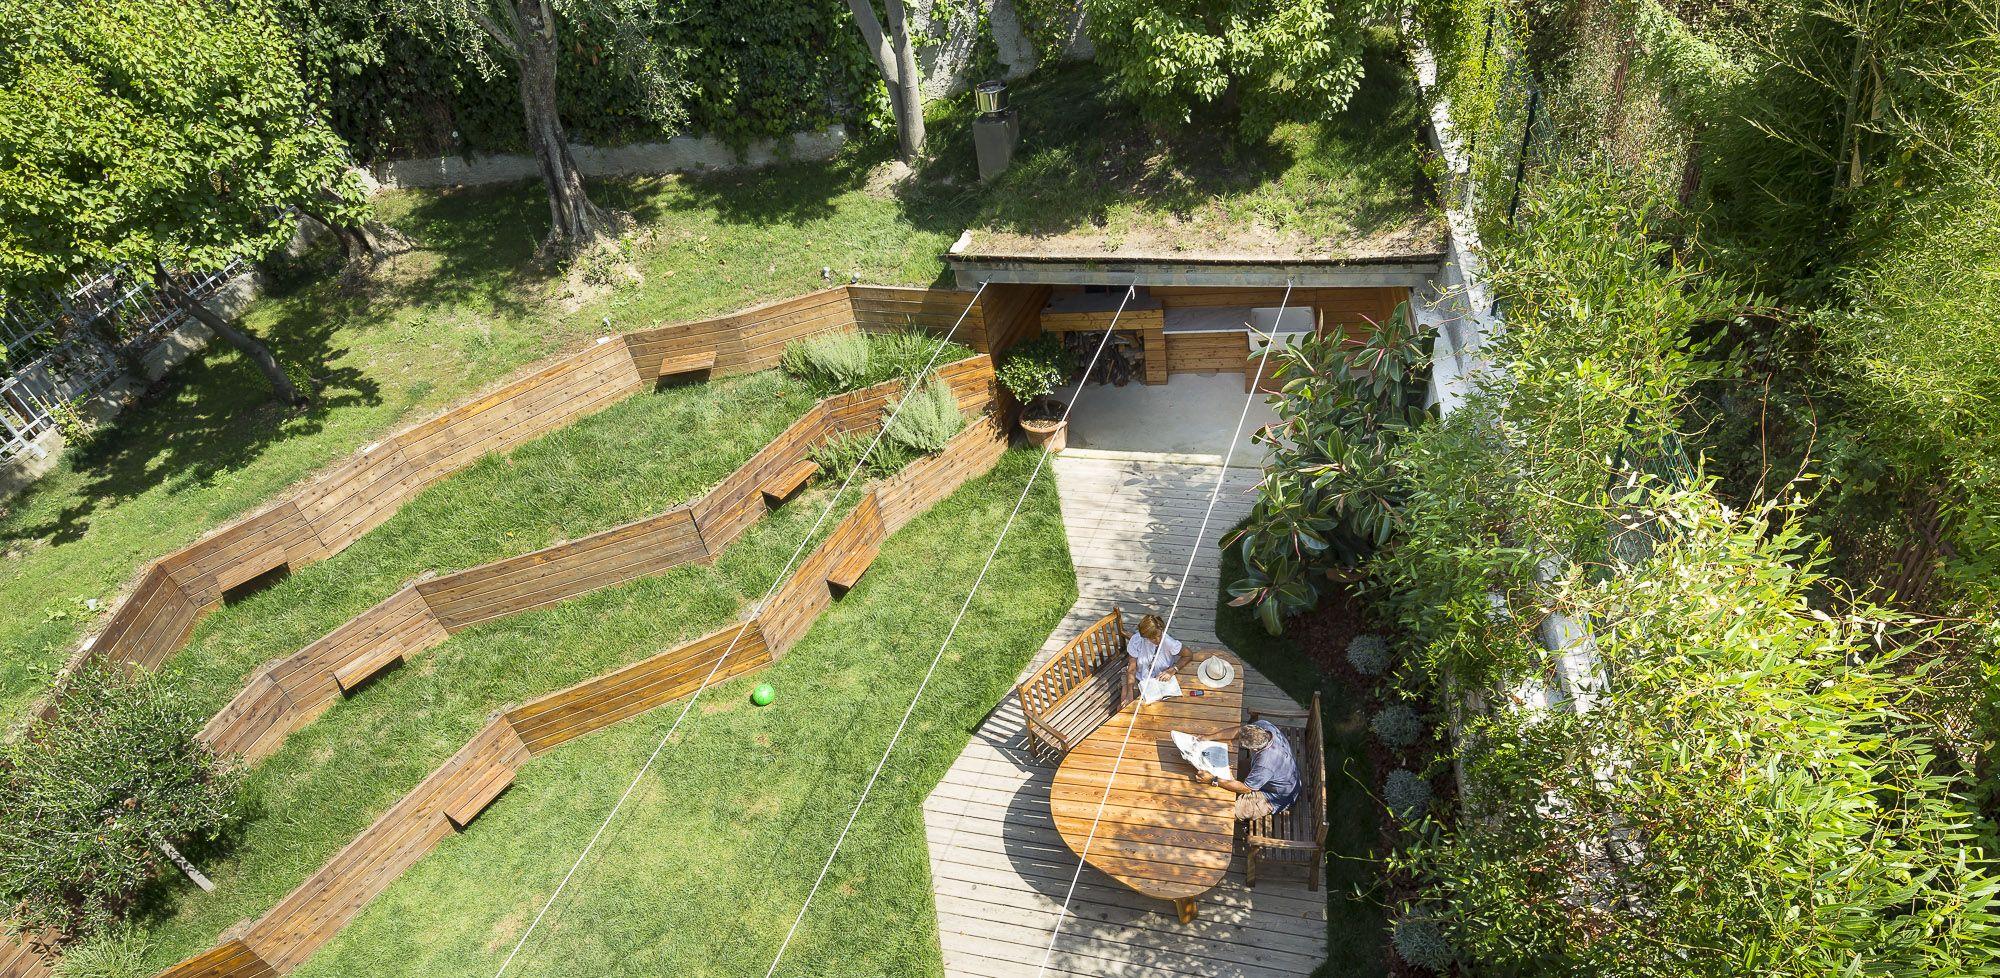 Emejing Terrazzamenti Giardino Pictures - Home Design Inspiration ...